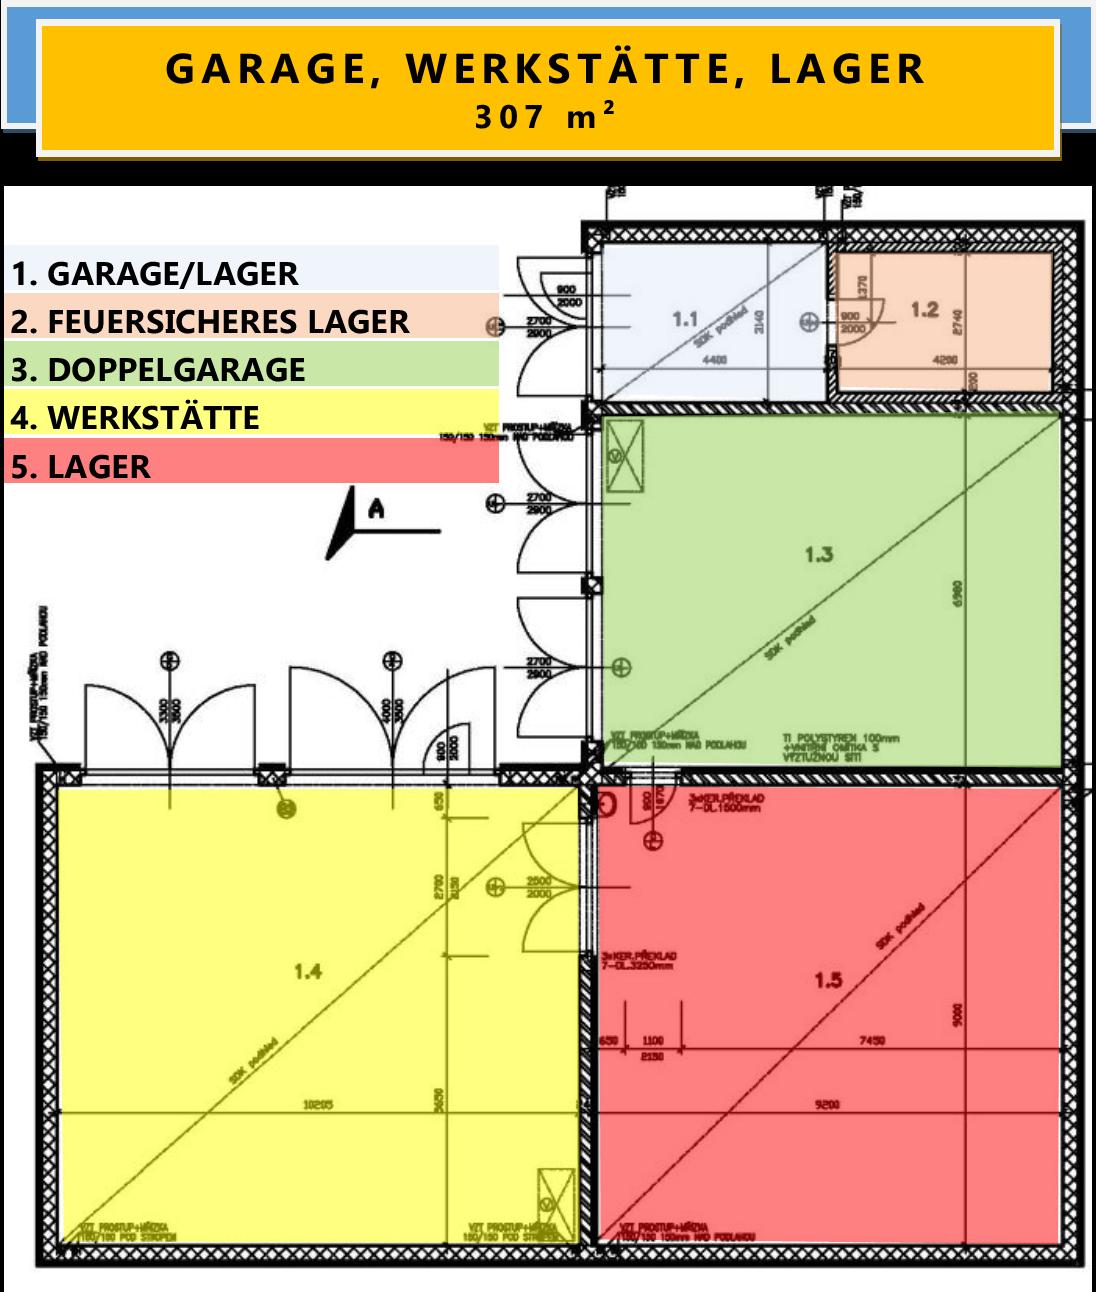 GARAGE, WERKSTÄTTE, LAGER 307 m²